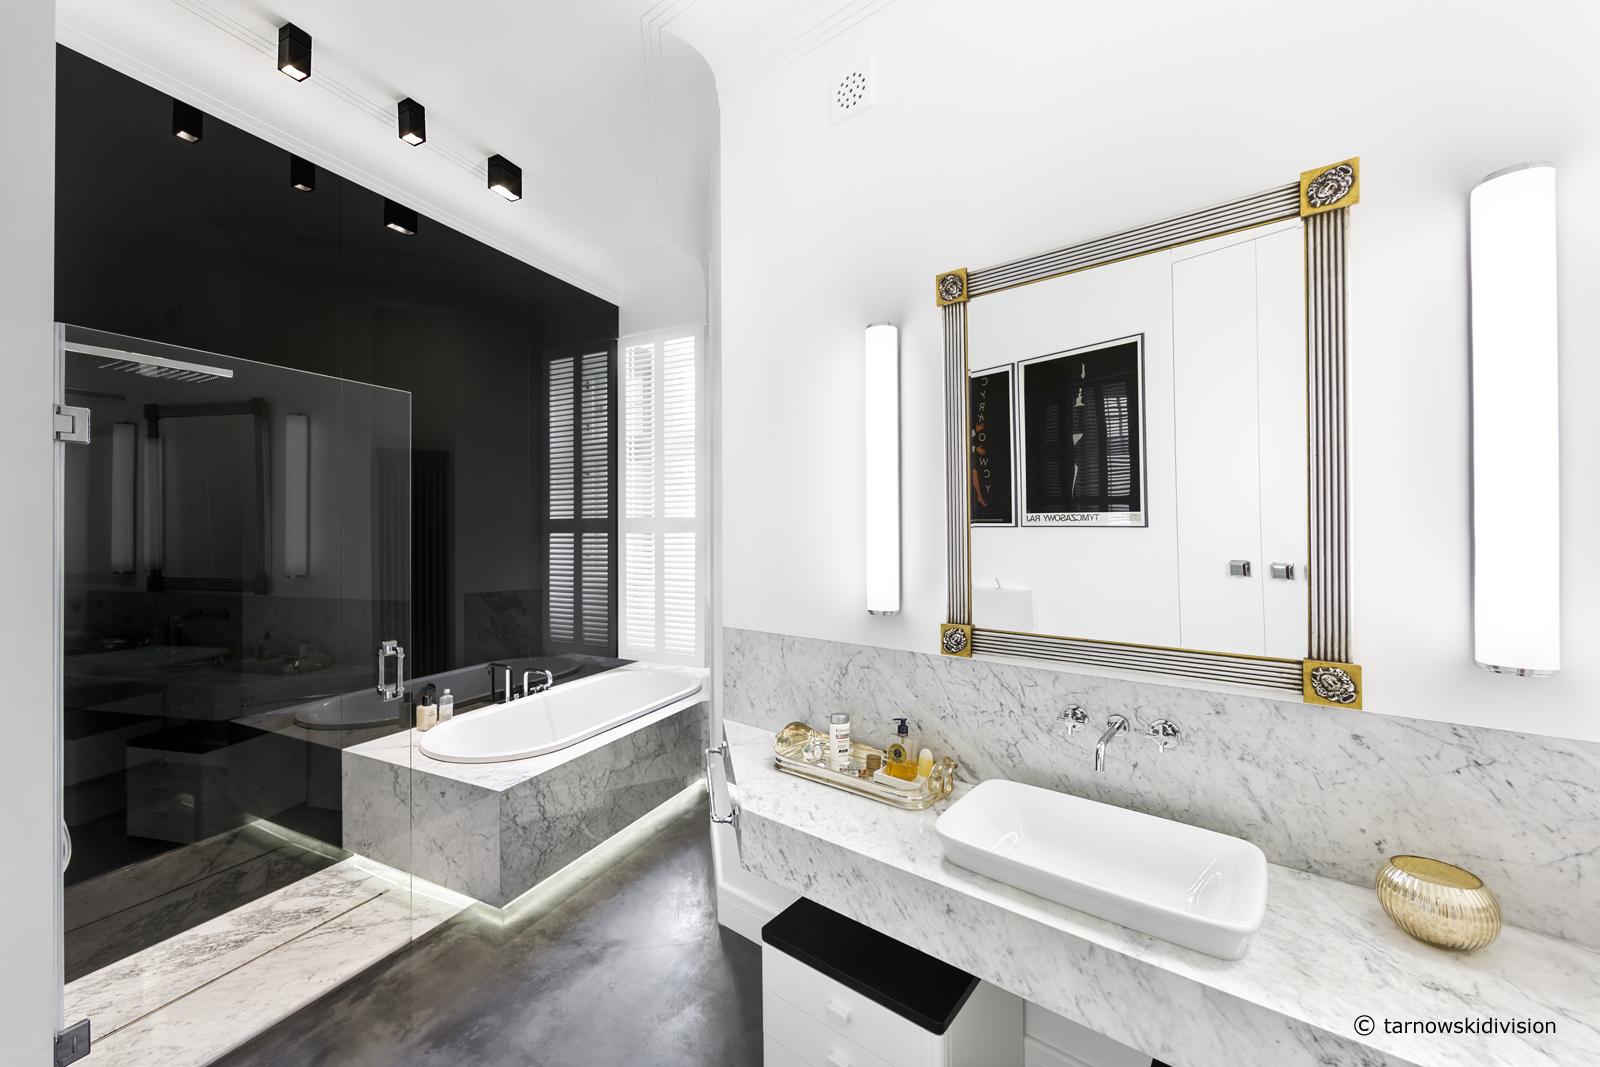 projekt wnętrz łazienki_flory_03_tarnowskidivision